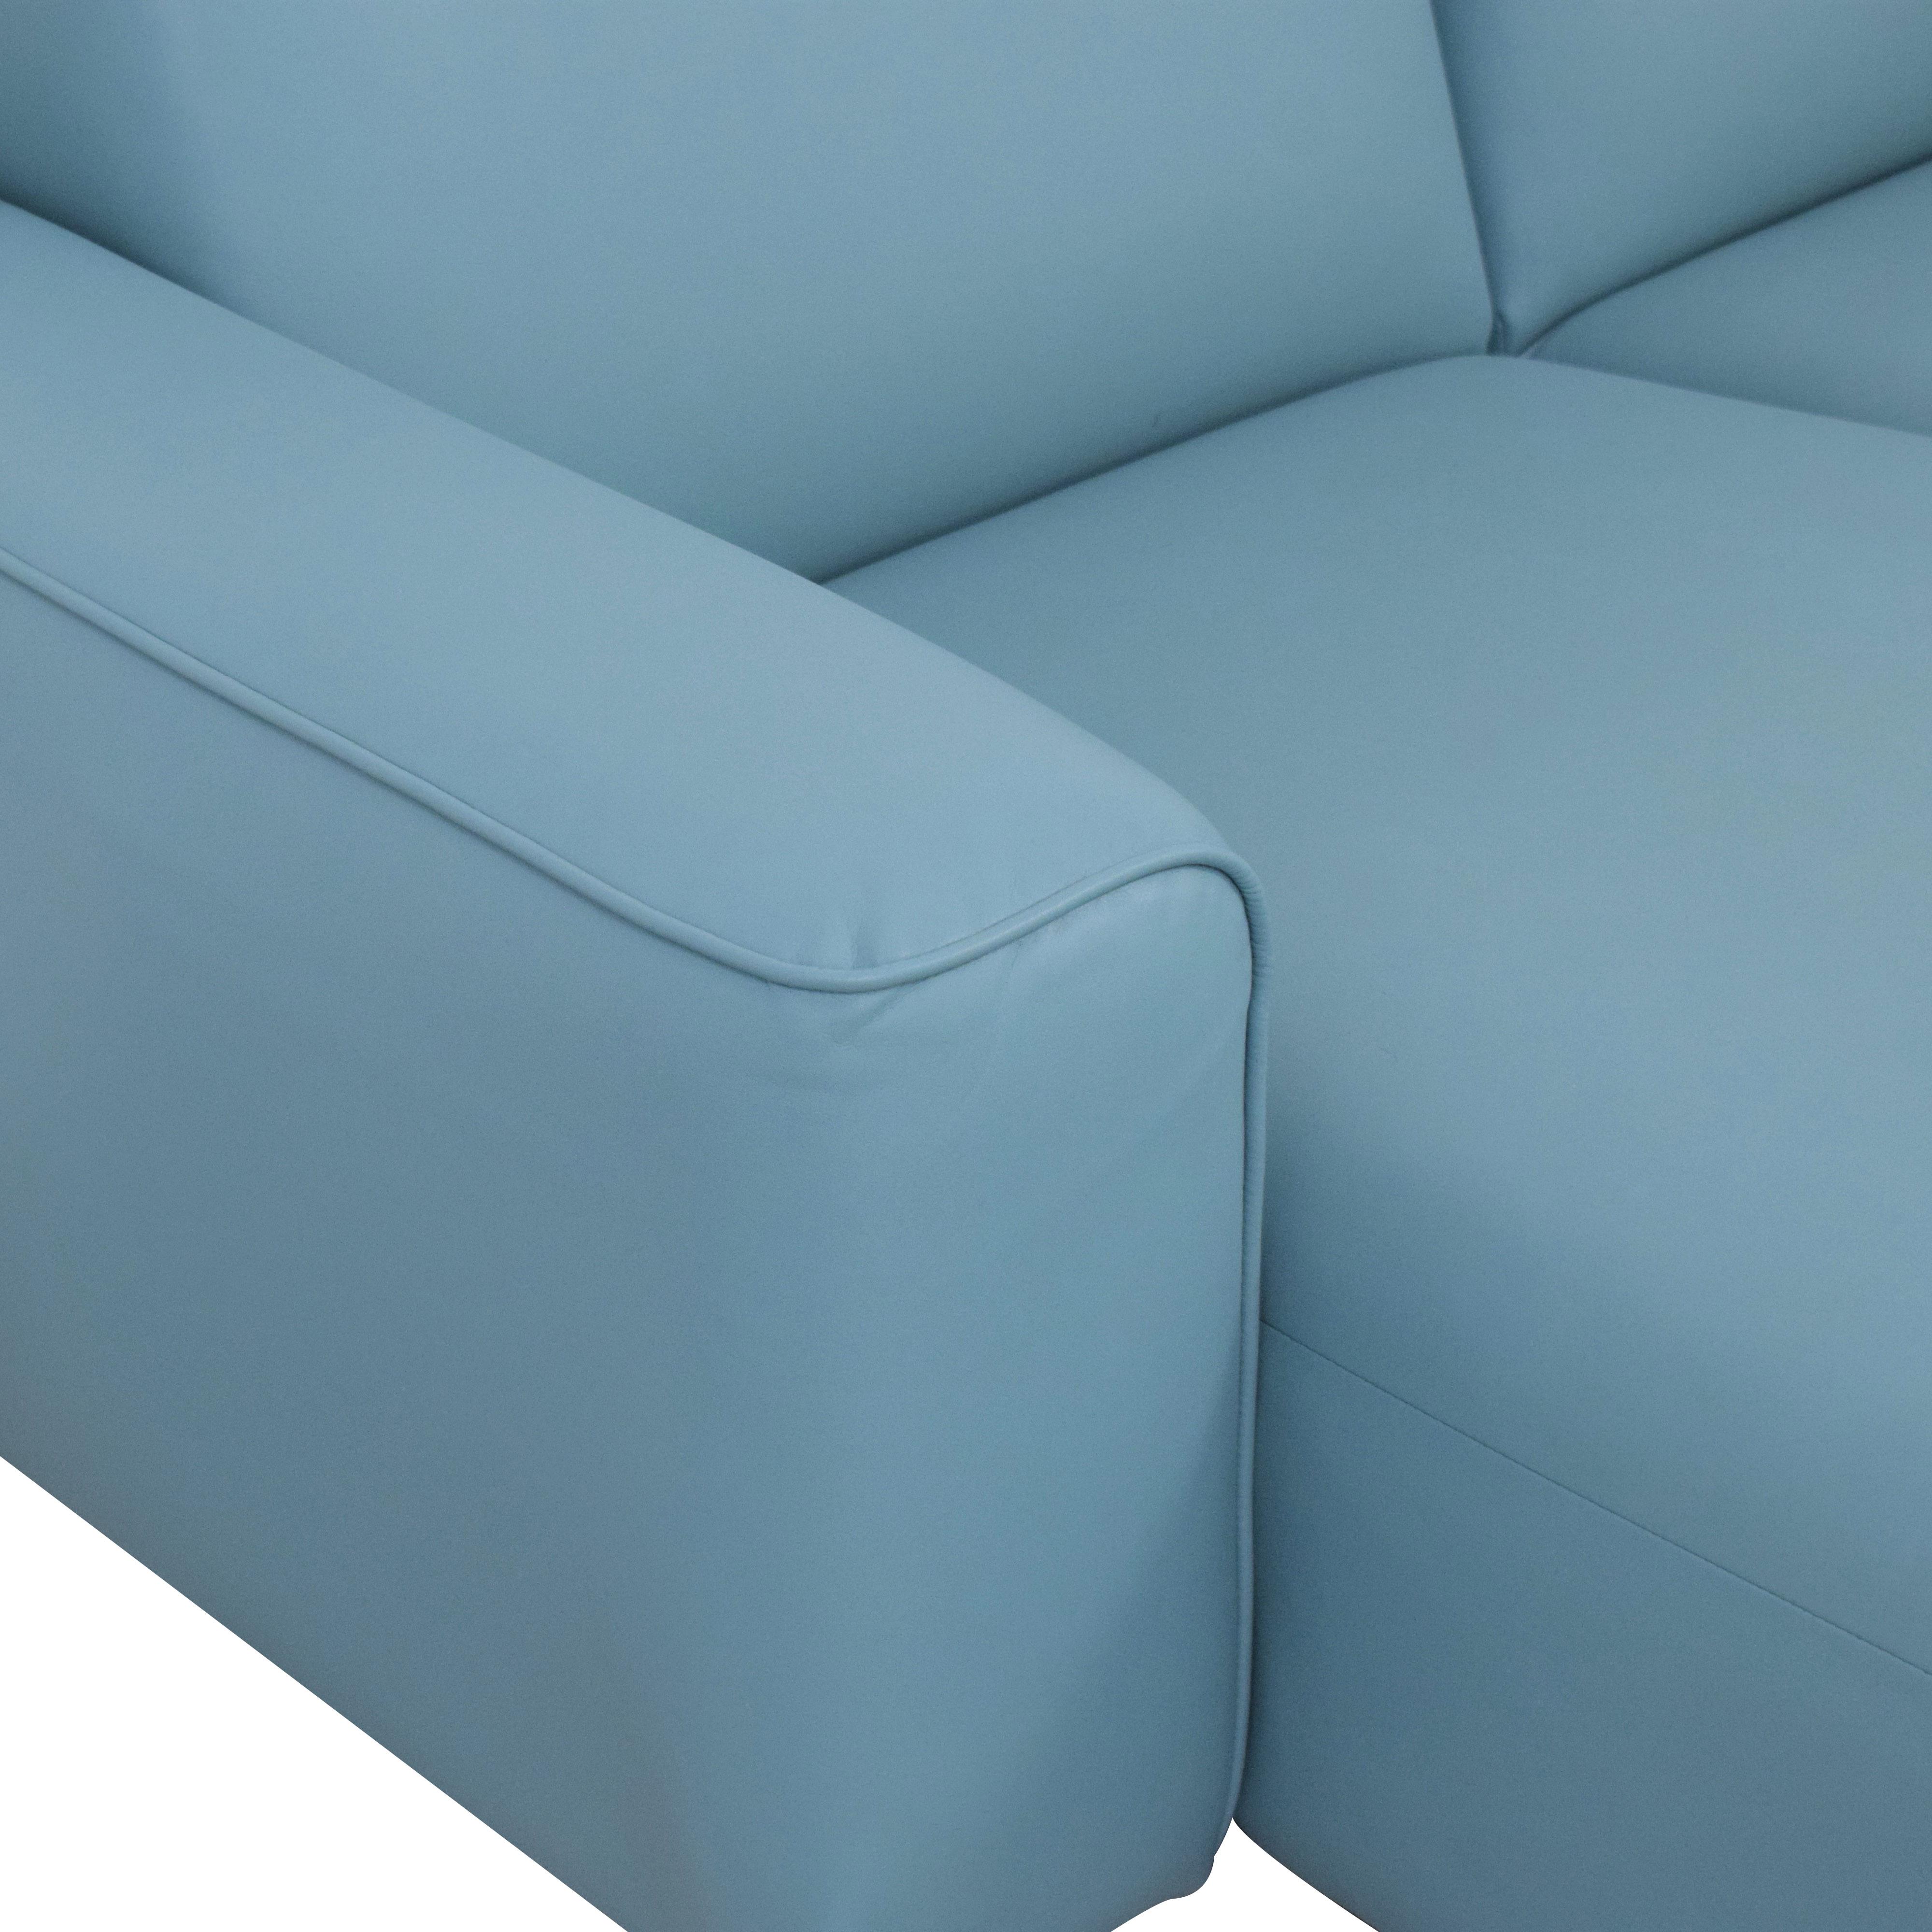 IKEA Light Blue Sectional Sofa sale